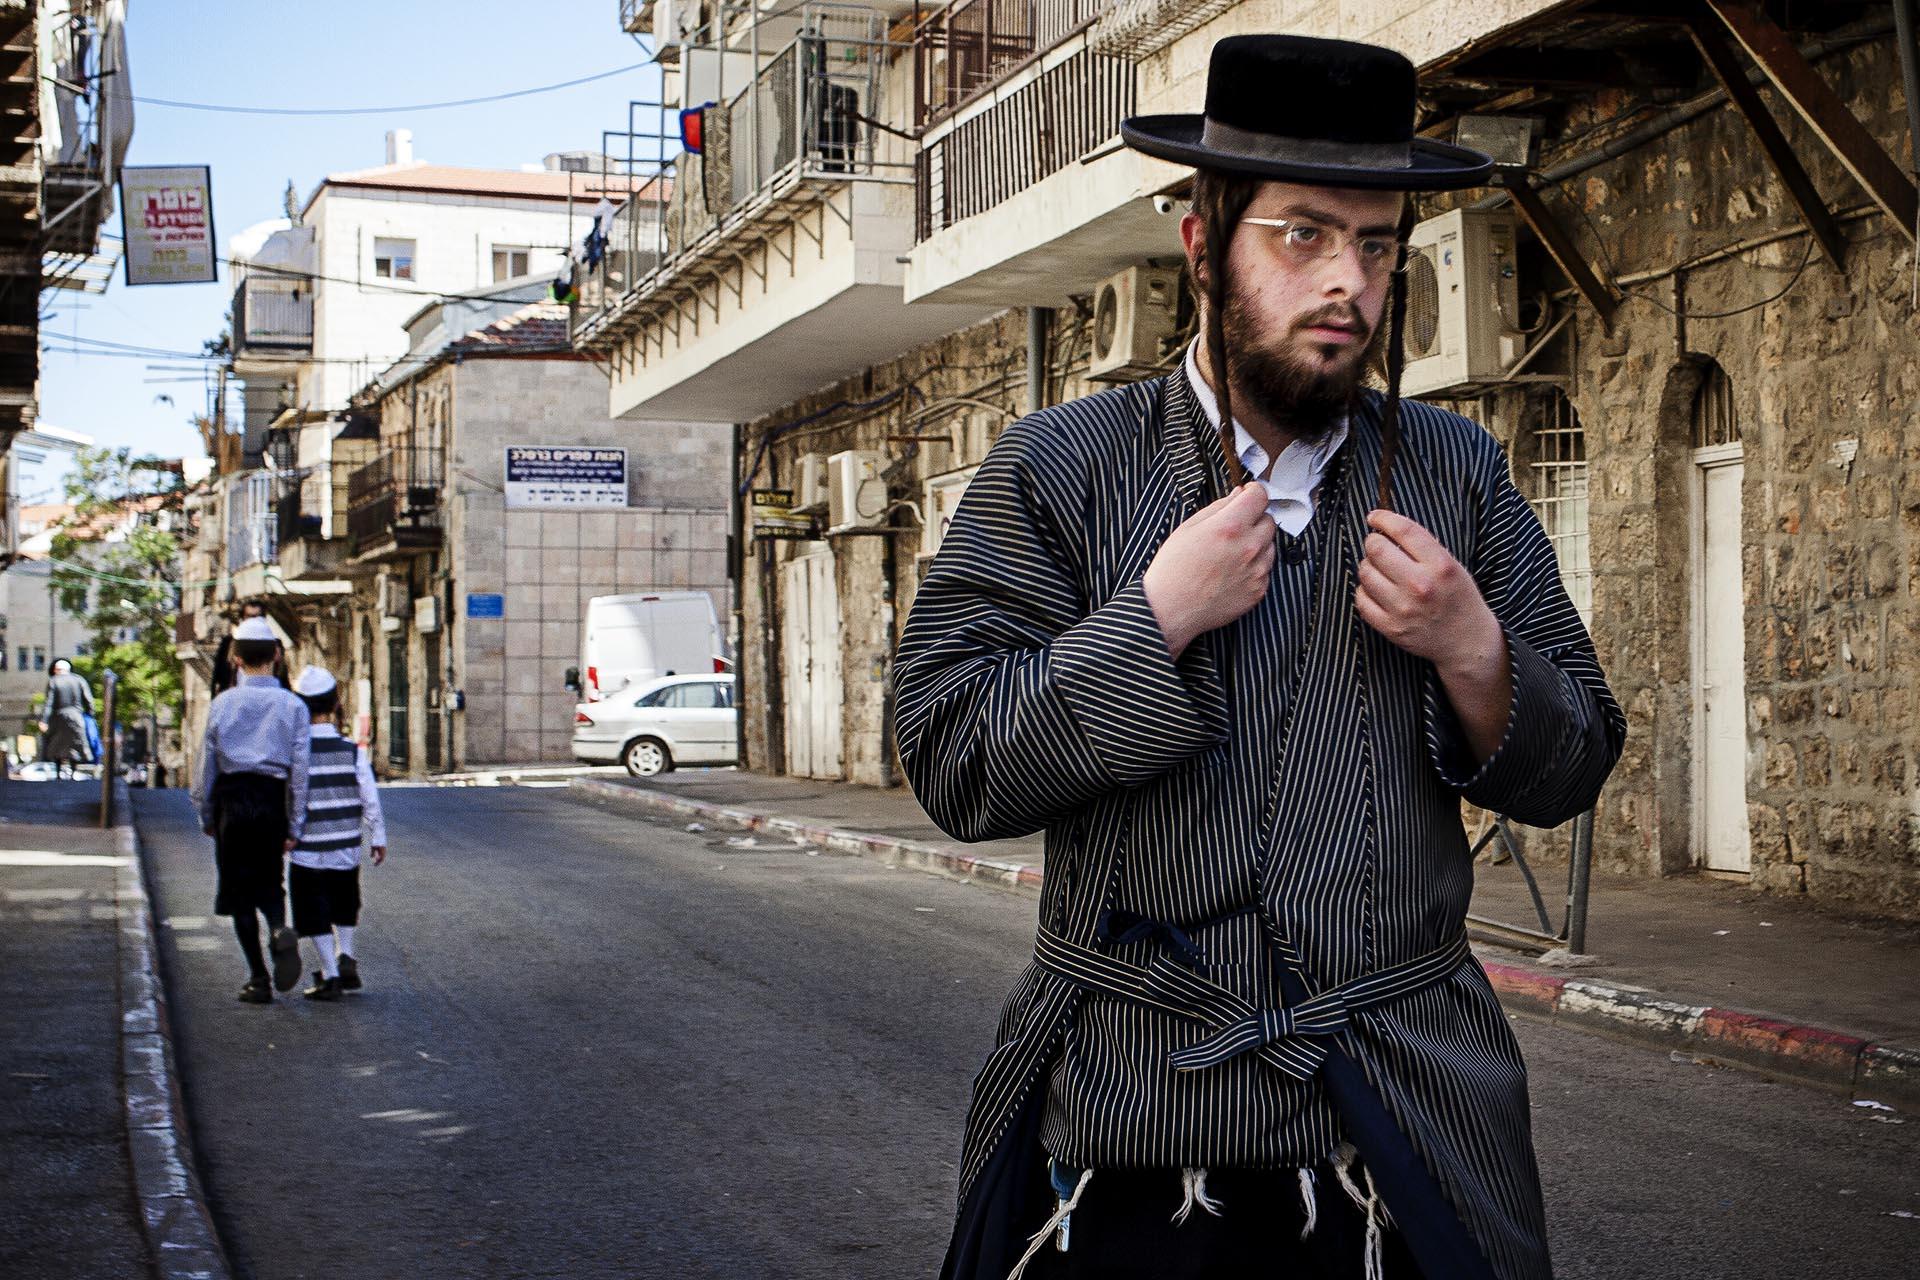 Barrio ultraortodoxo de Mea Shearim, en Jerusalem. Poco después de tomar esta imagen, me invitaban a salir de allí a pedradas.